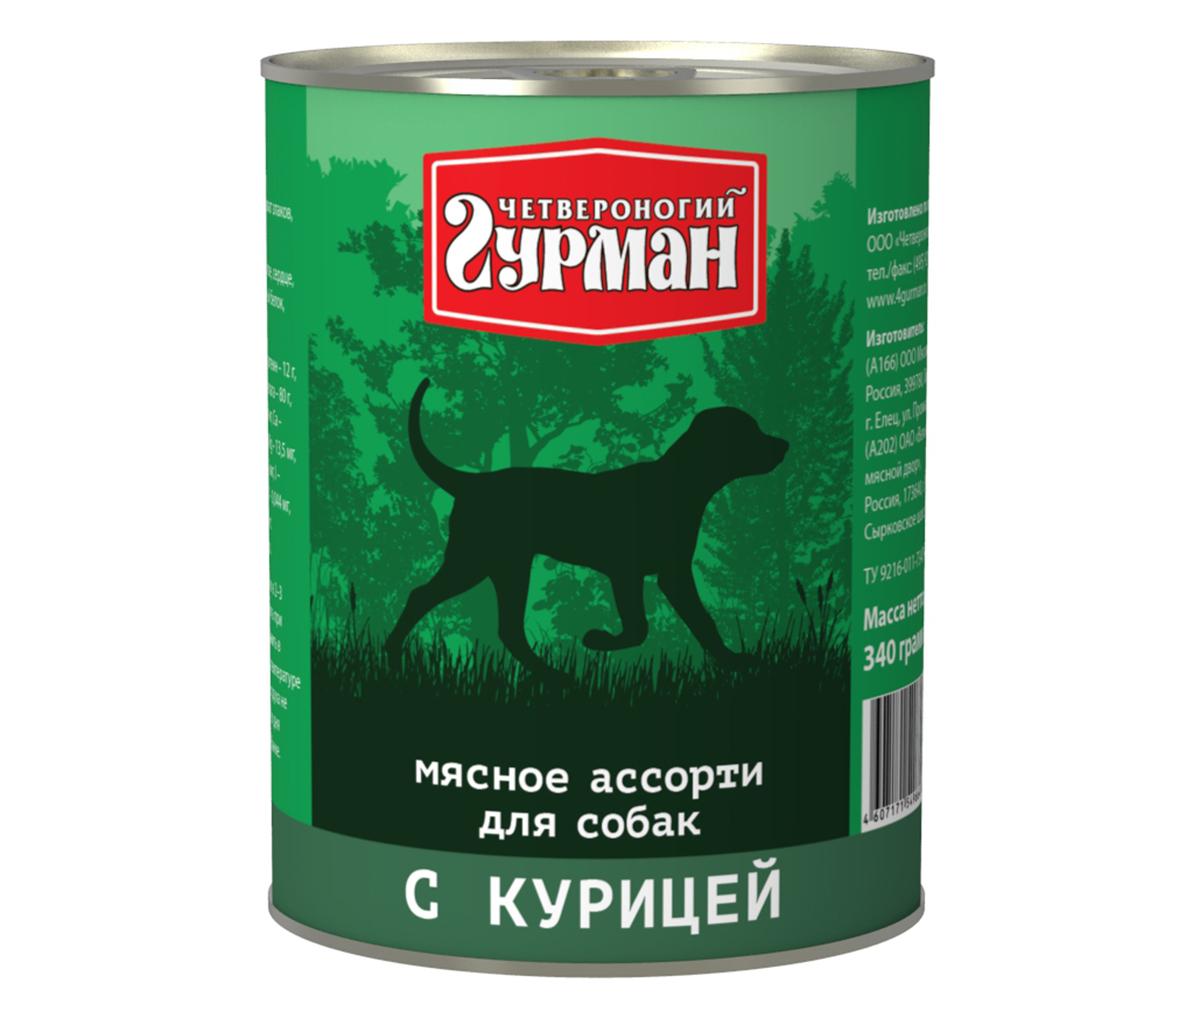 Консервы для собак Четвероногий гурман Мясное ассорти с курицей, 340 г 103109006